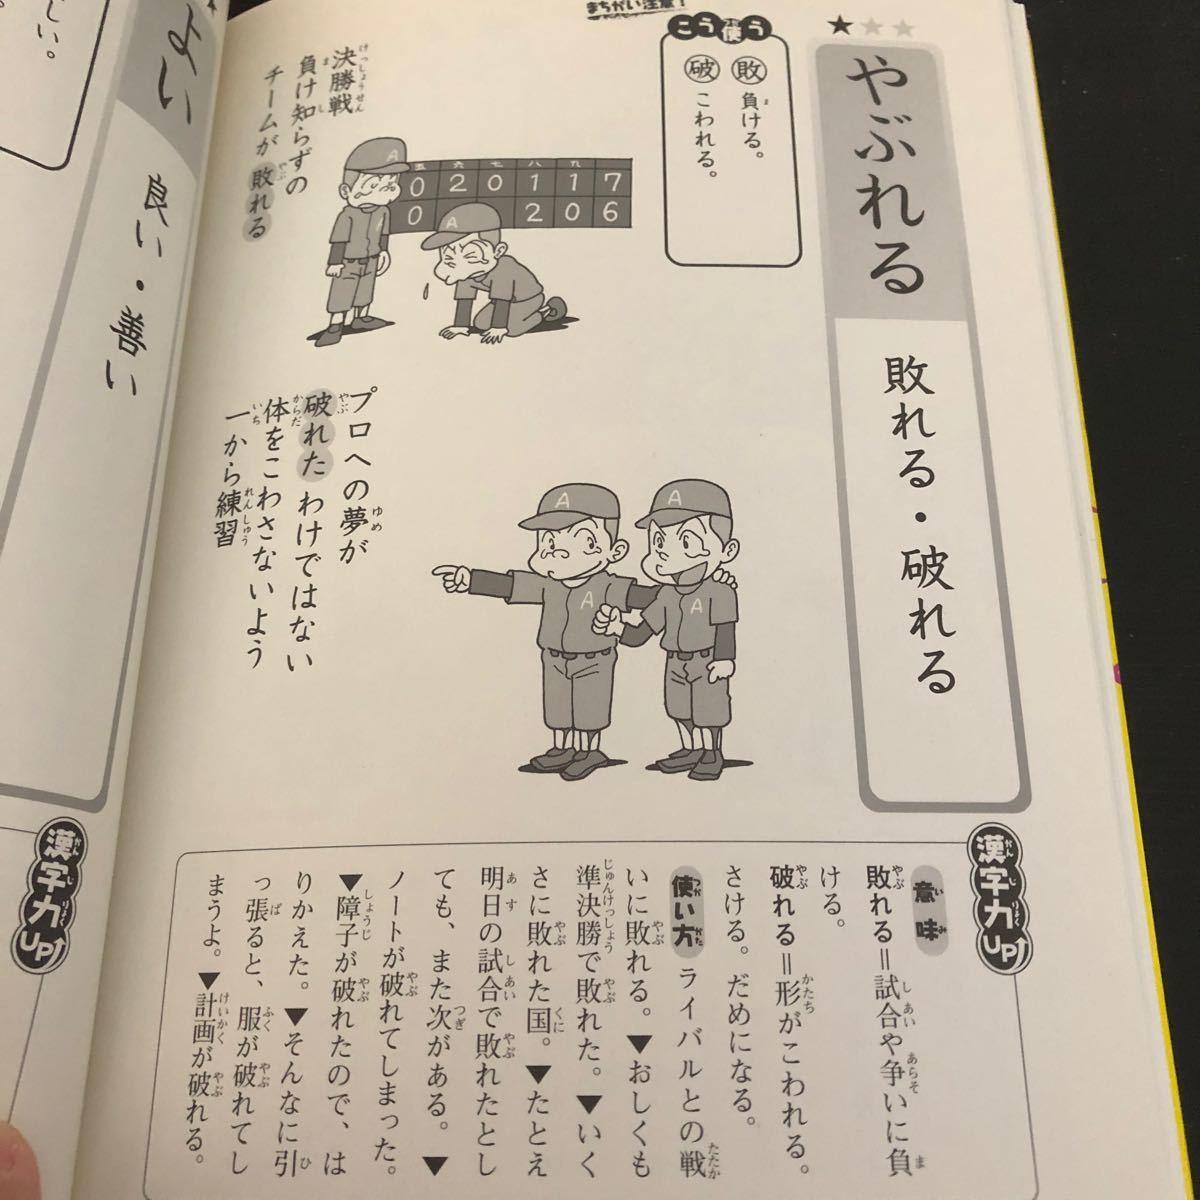 小学生のまちがえやすい漢字を正しく覚える本(只今値下げ中)